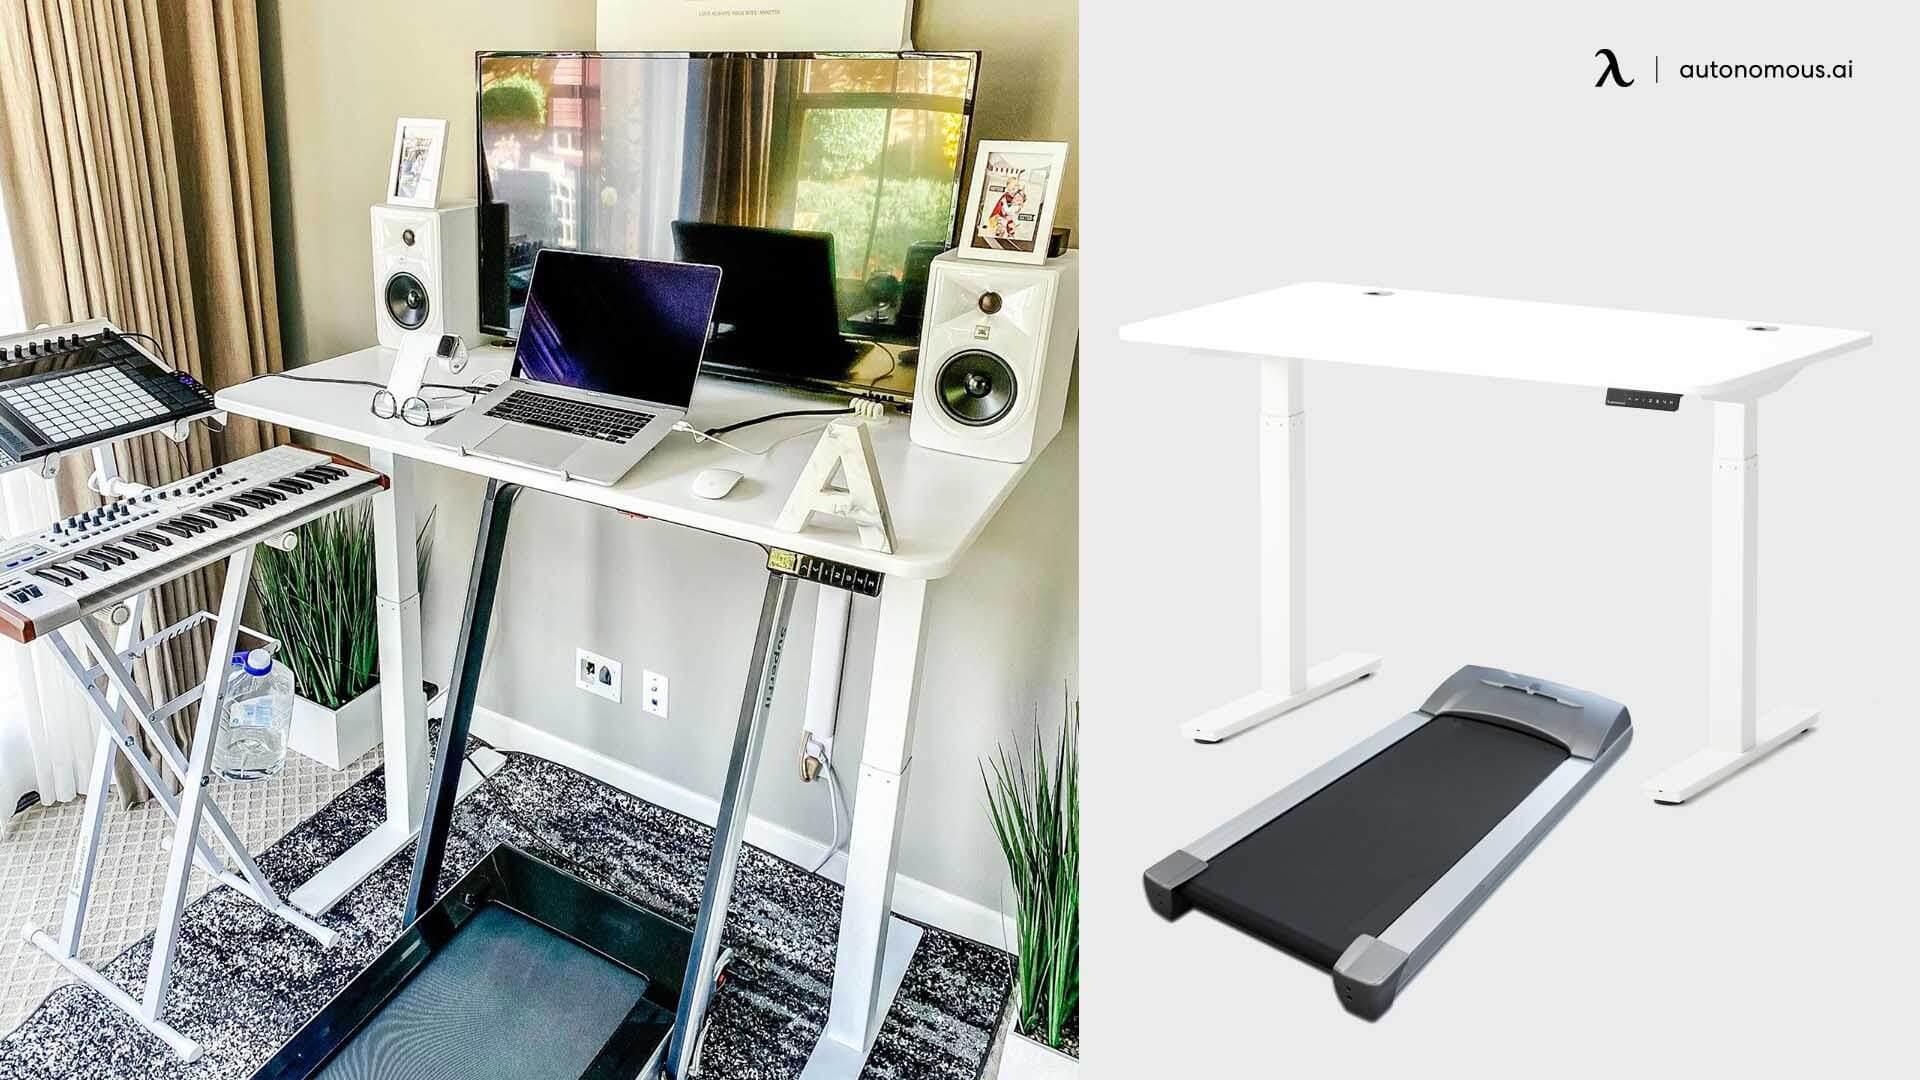 Using treadmill for standing desk exercise